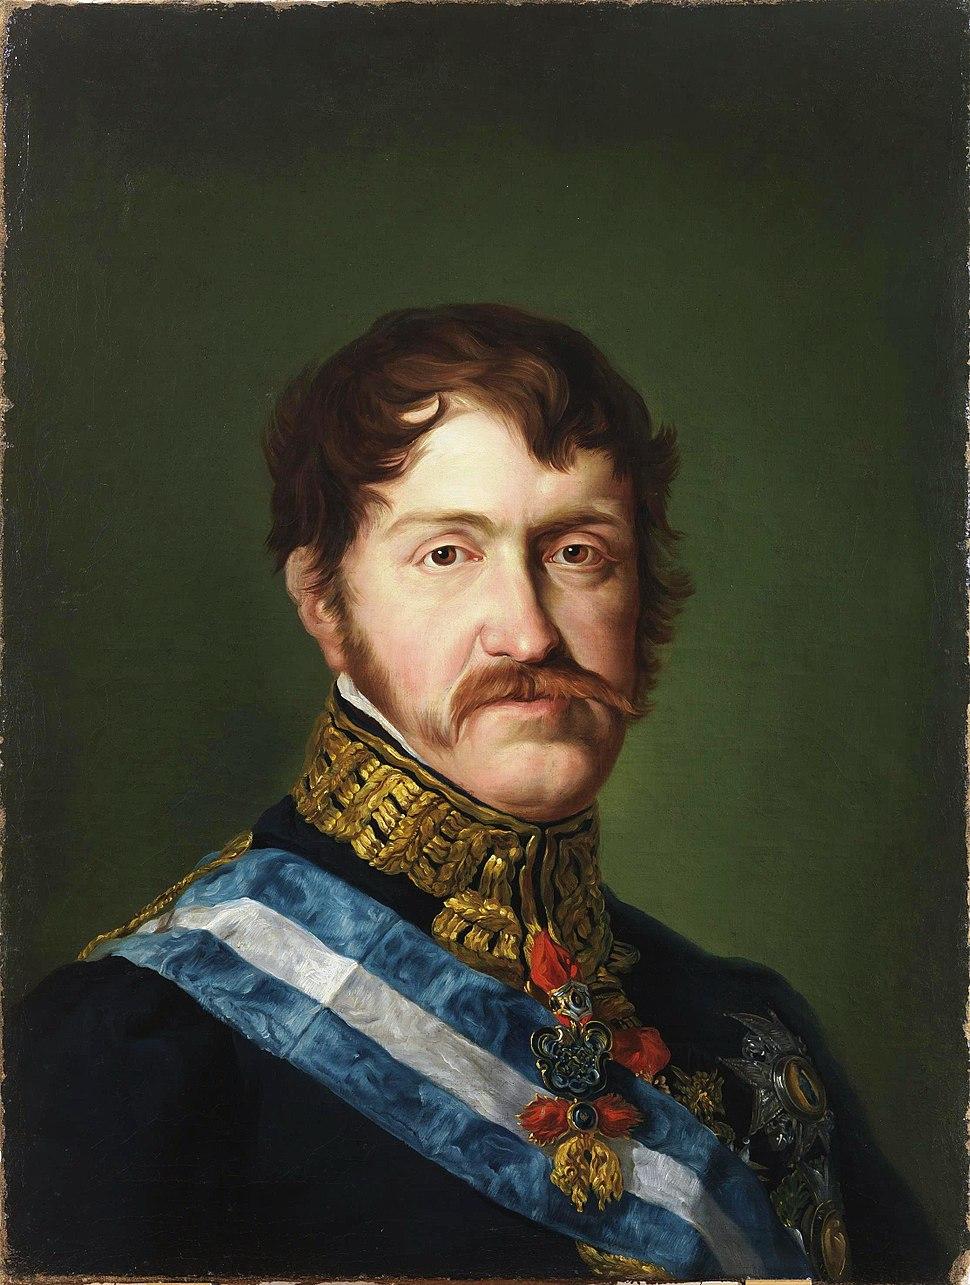 El infante Carlos María Isidro de Borbón (Museo del Prado)